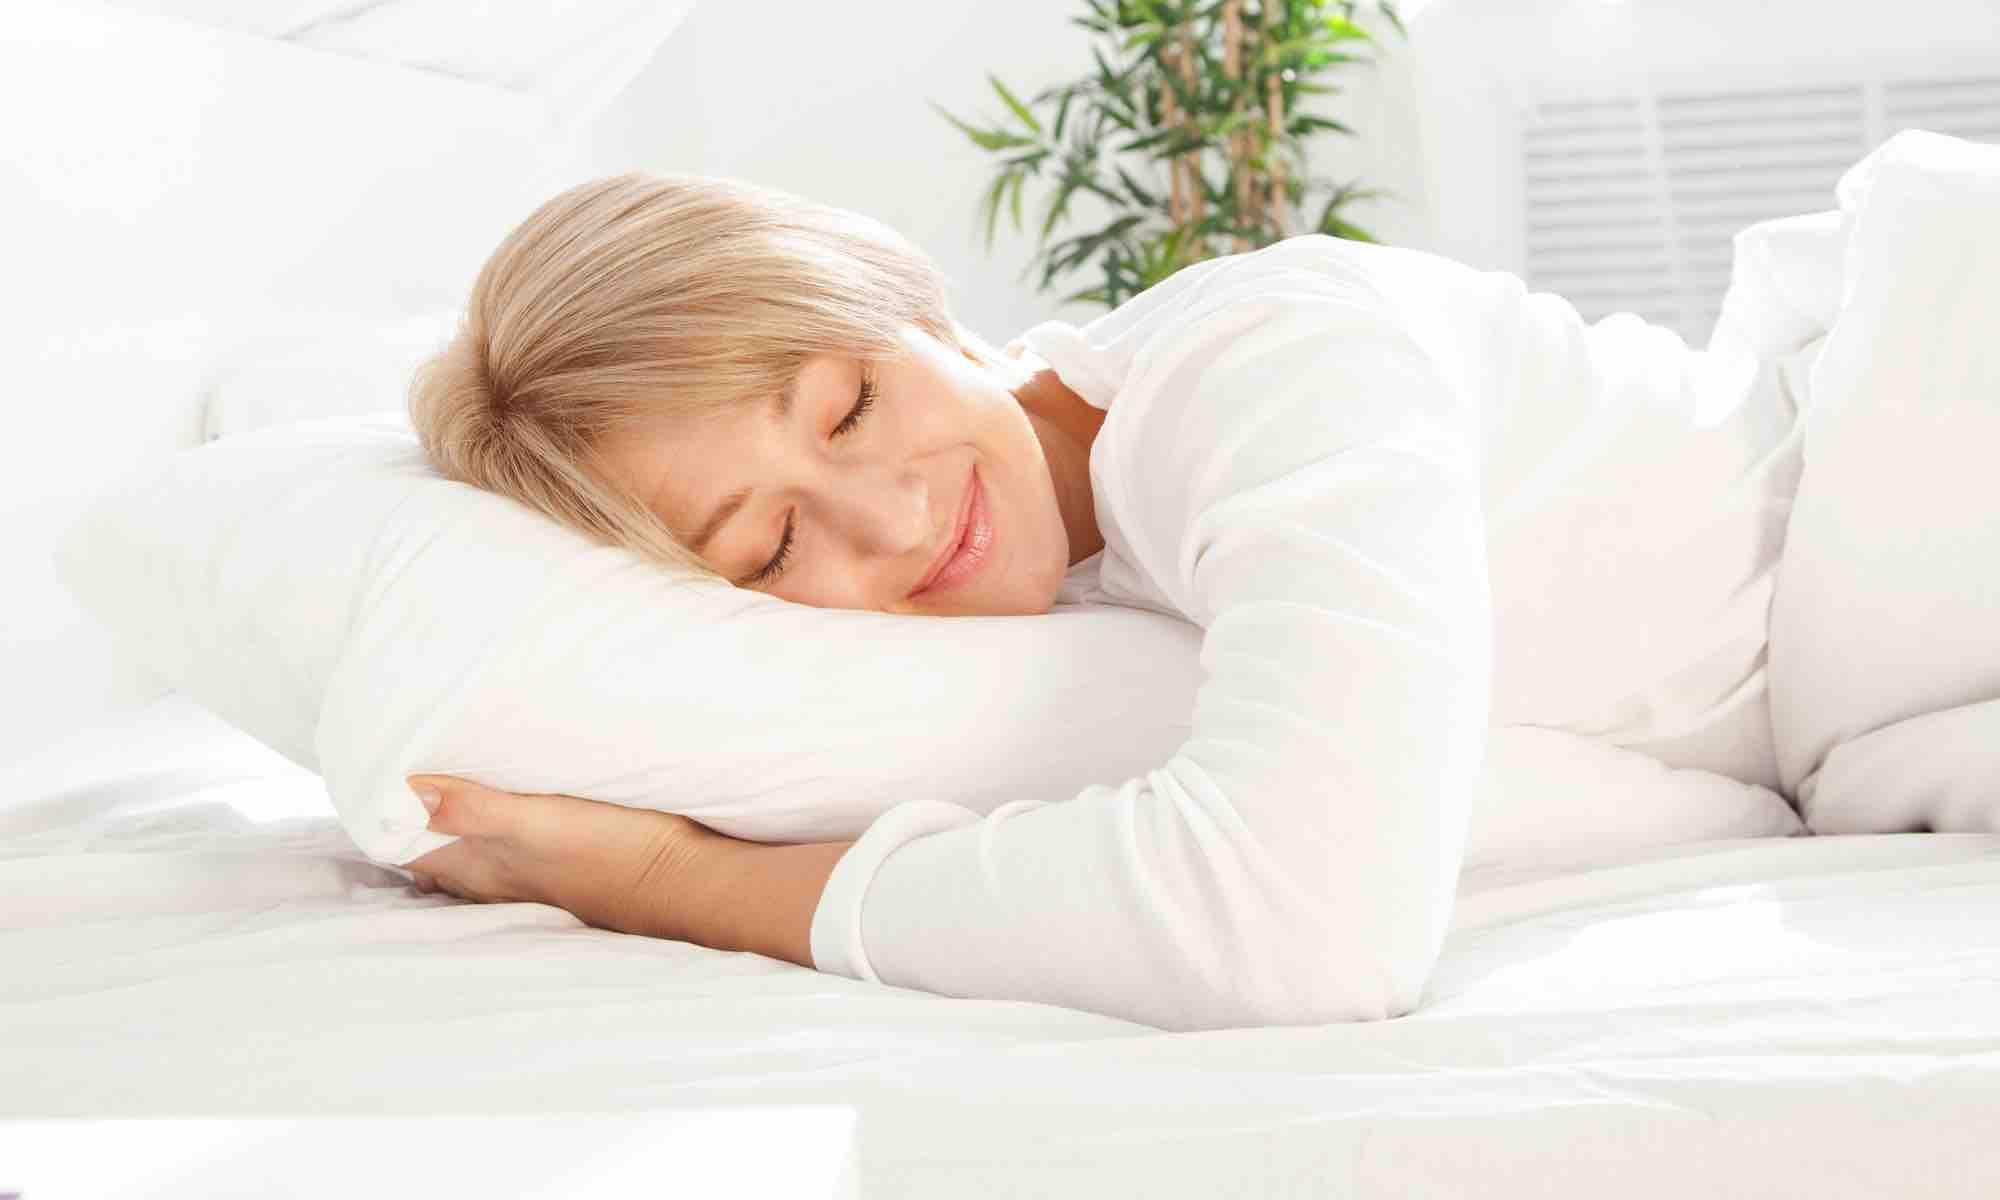 SleepAdvice clinic & more